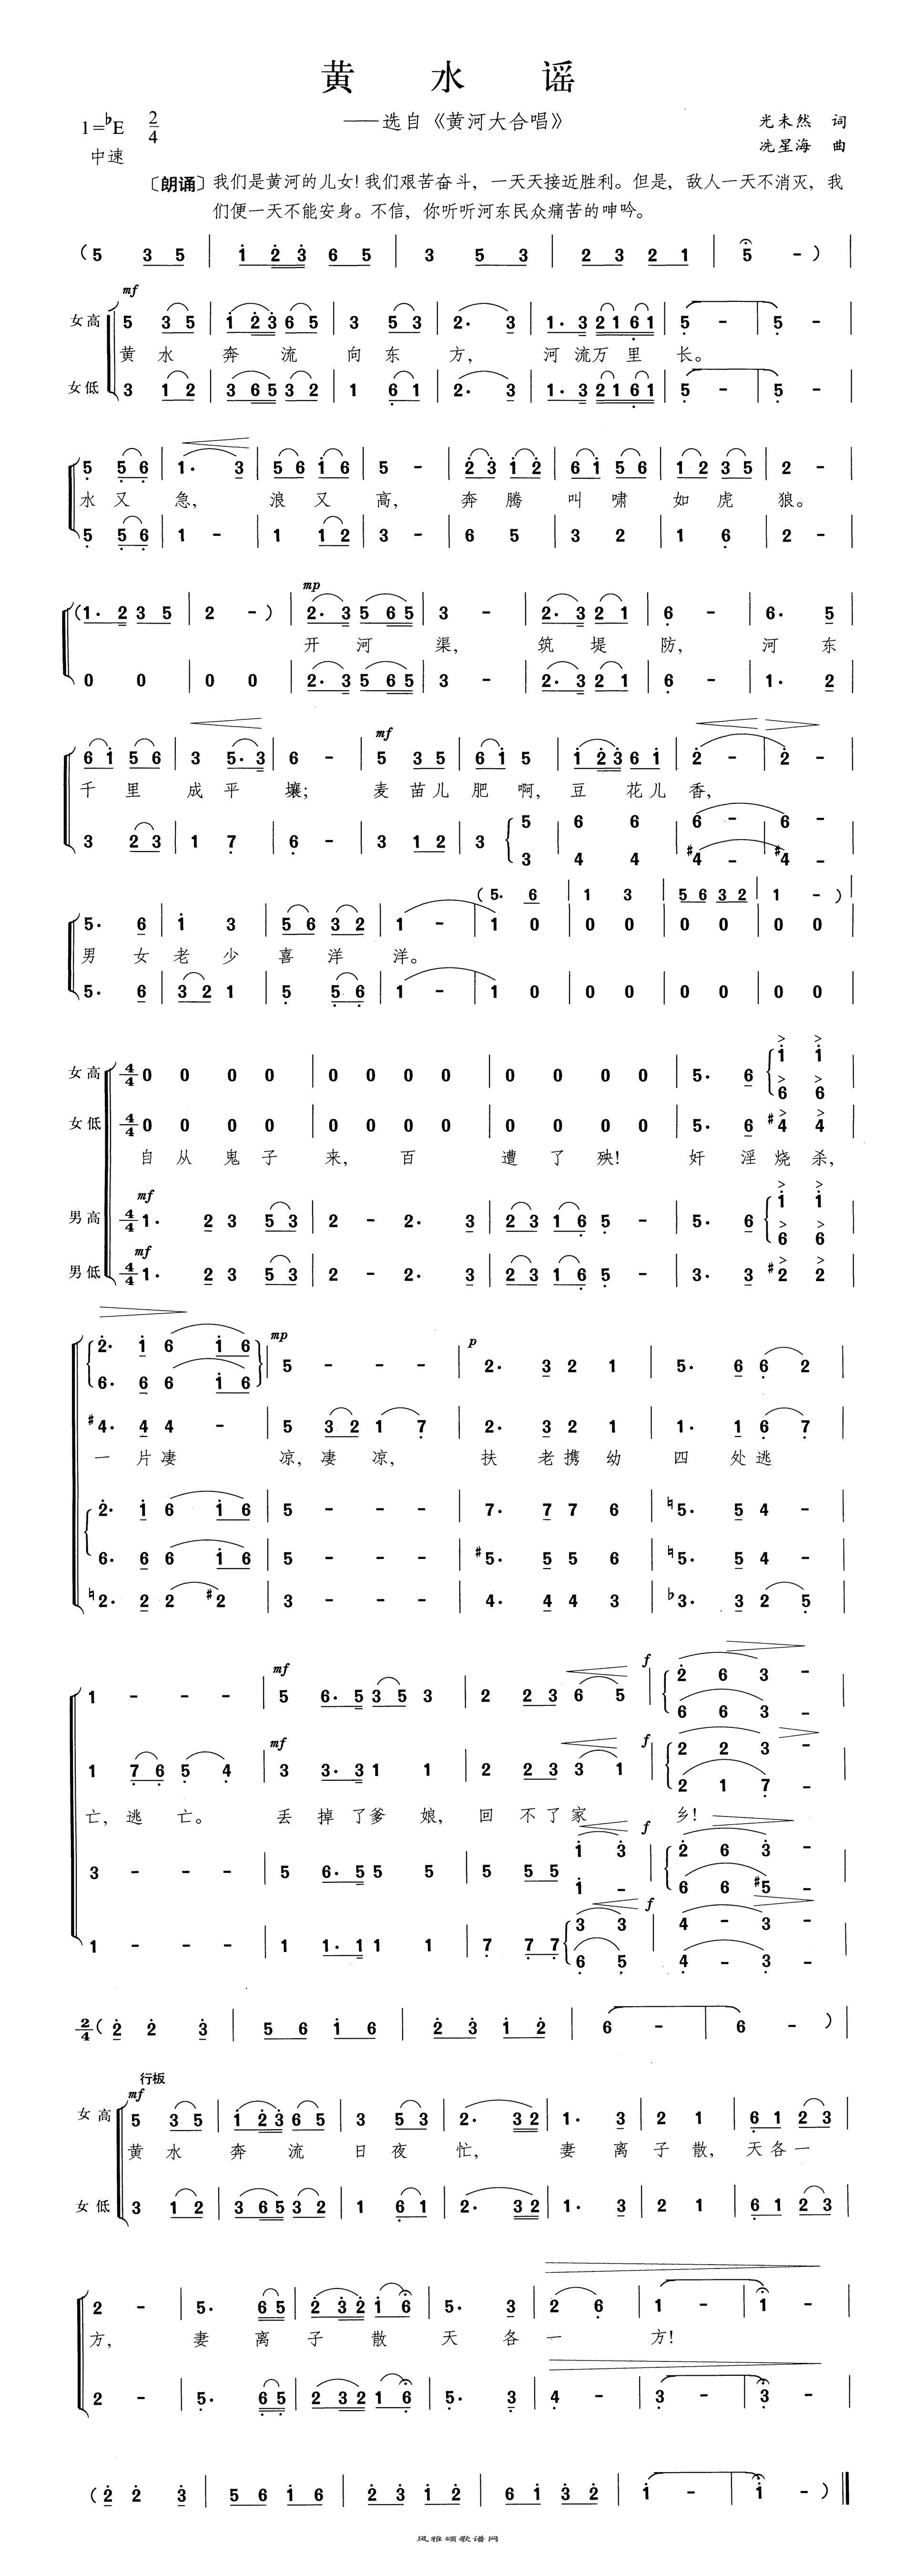 黄水谣(中国)高清打印歌谱简谱